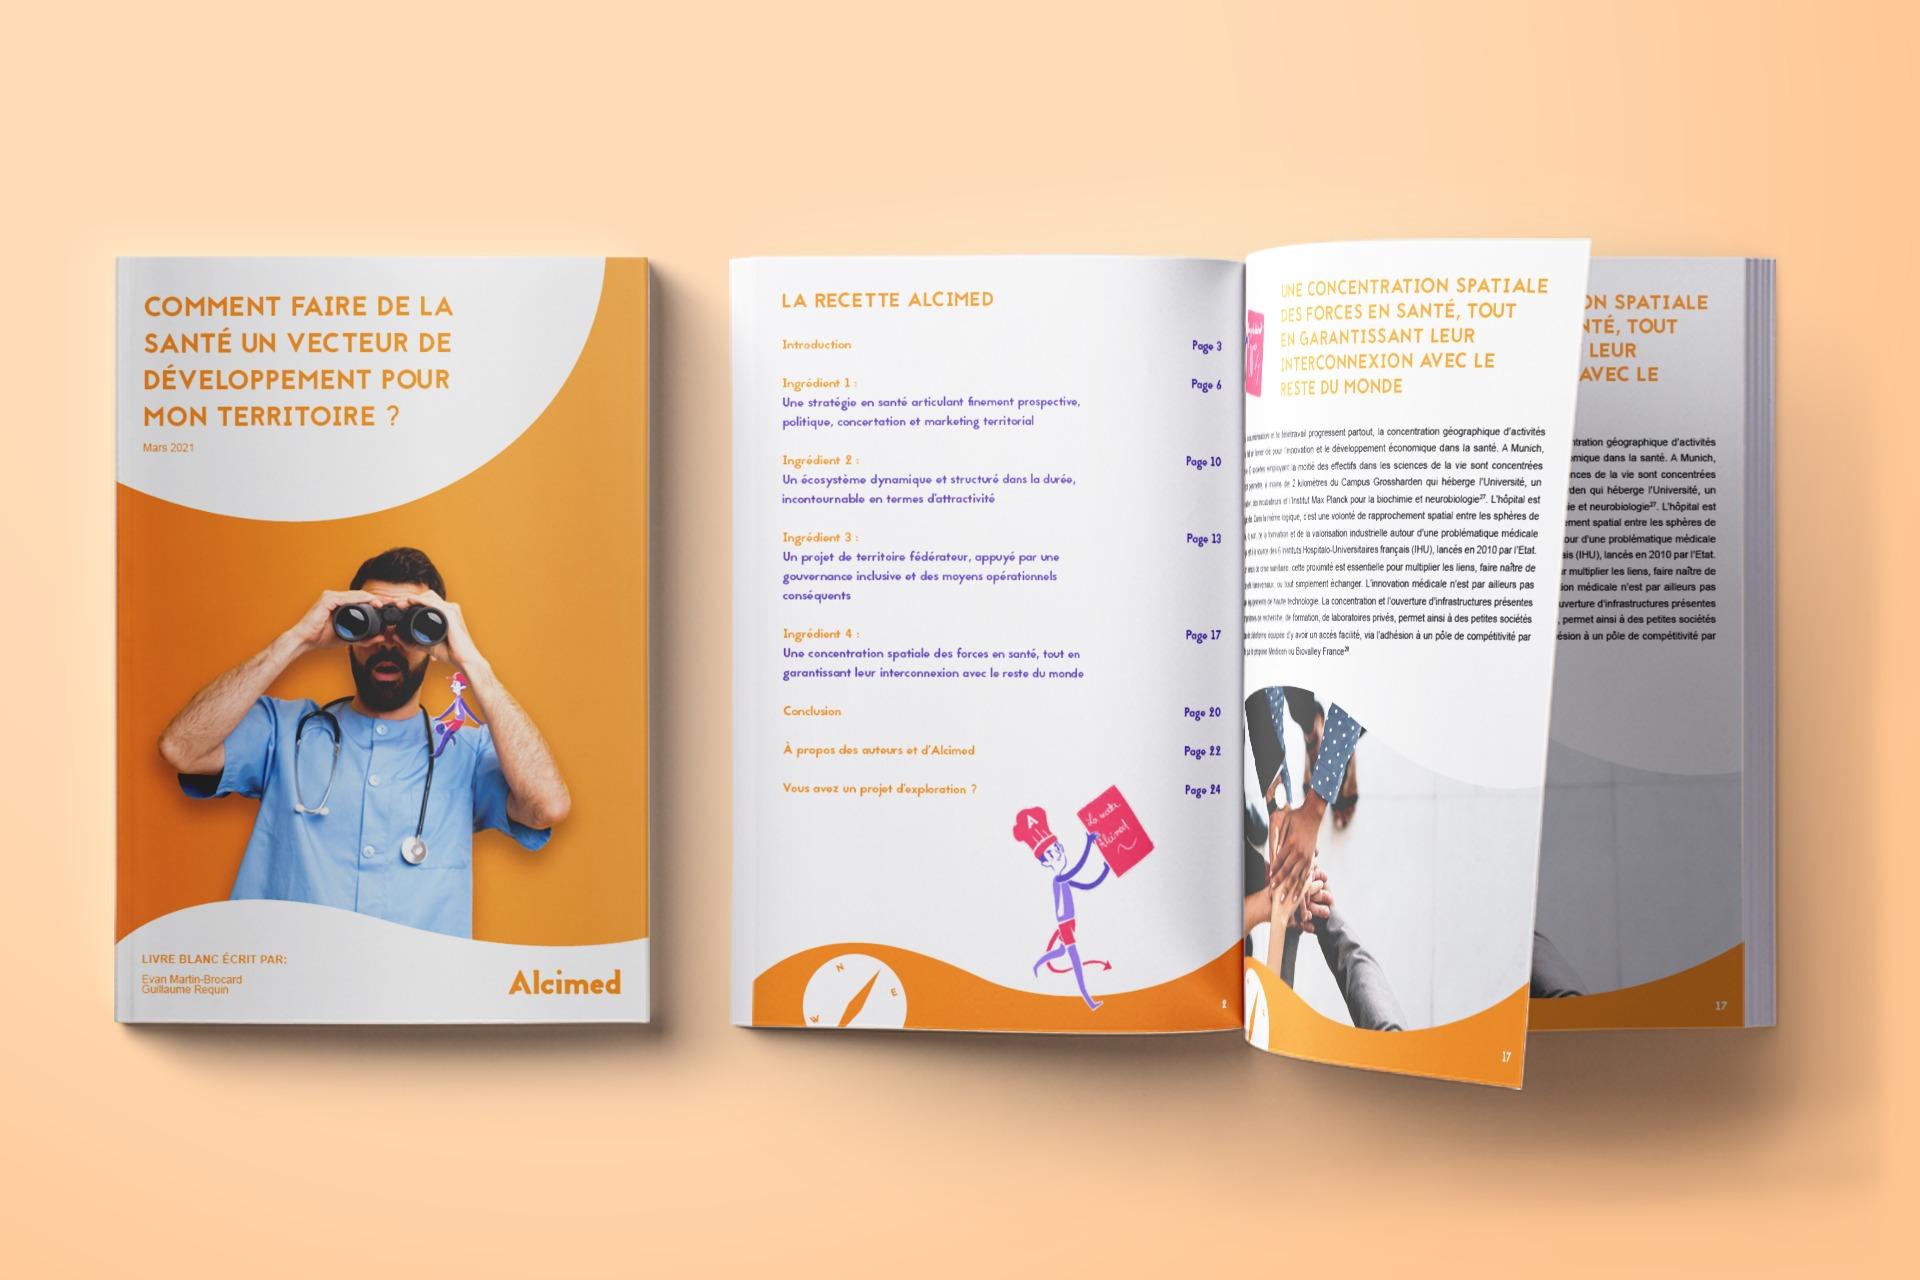 Livre blanc Alcimed - Comment faire de la santé un vecteur de développement économique et d'innovation pour mon territoire